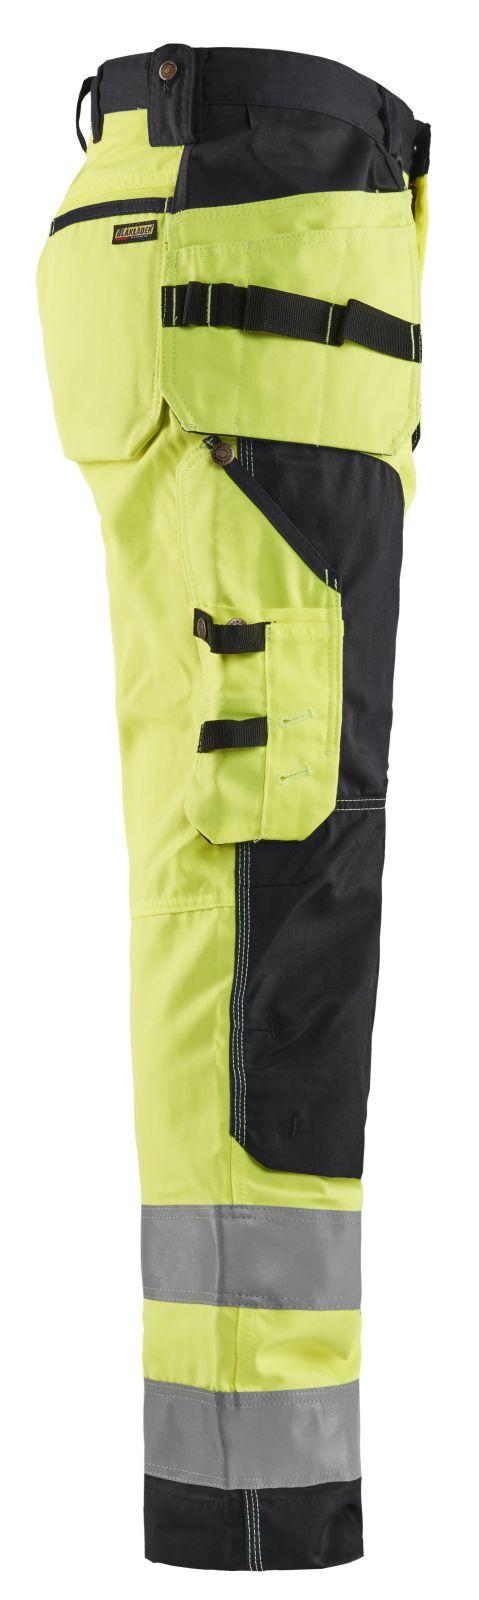 Blaklader Broeken 15681811 High Vis fluo geel-zwart(3399)